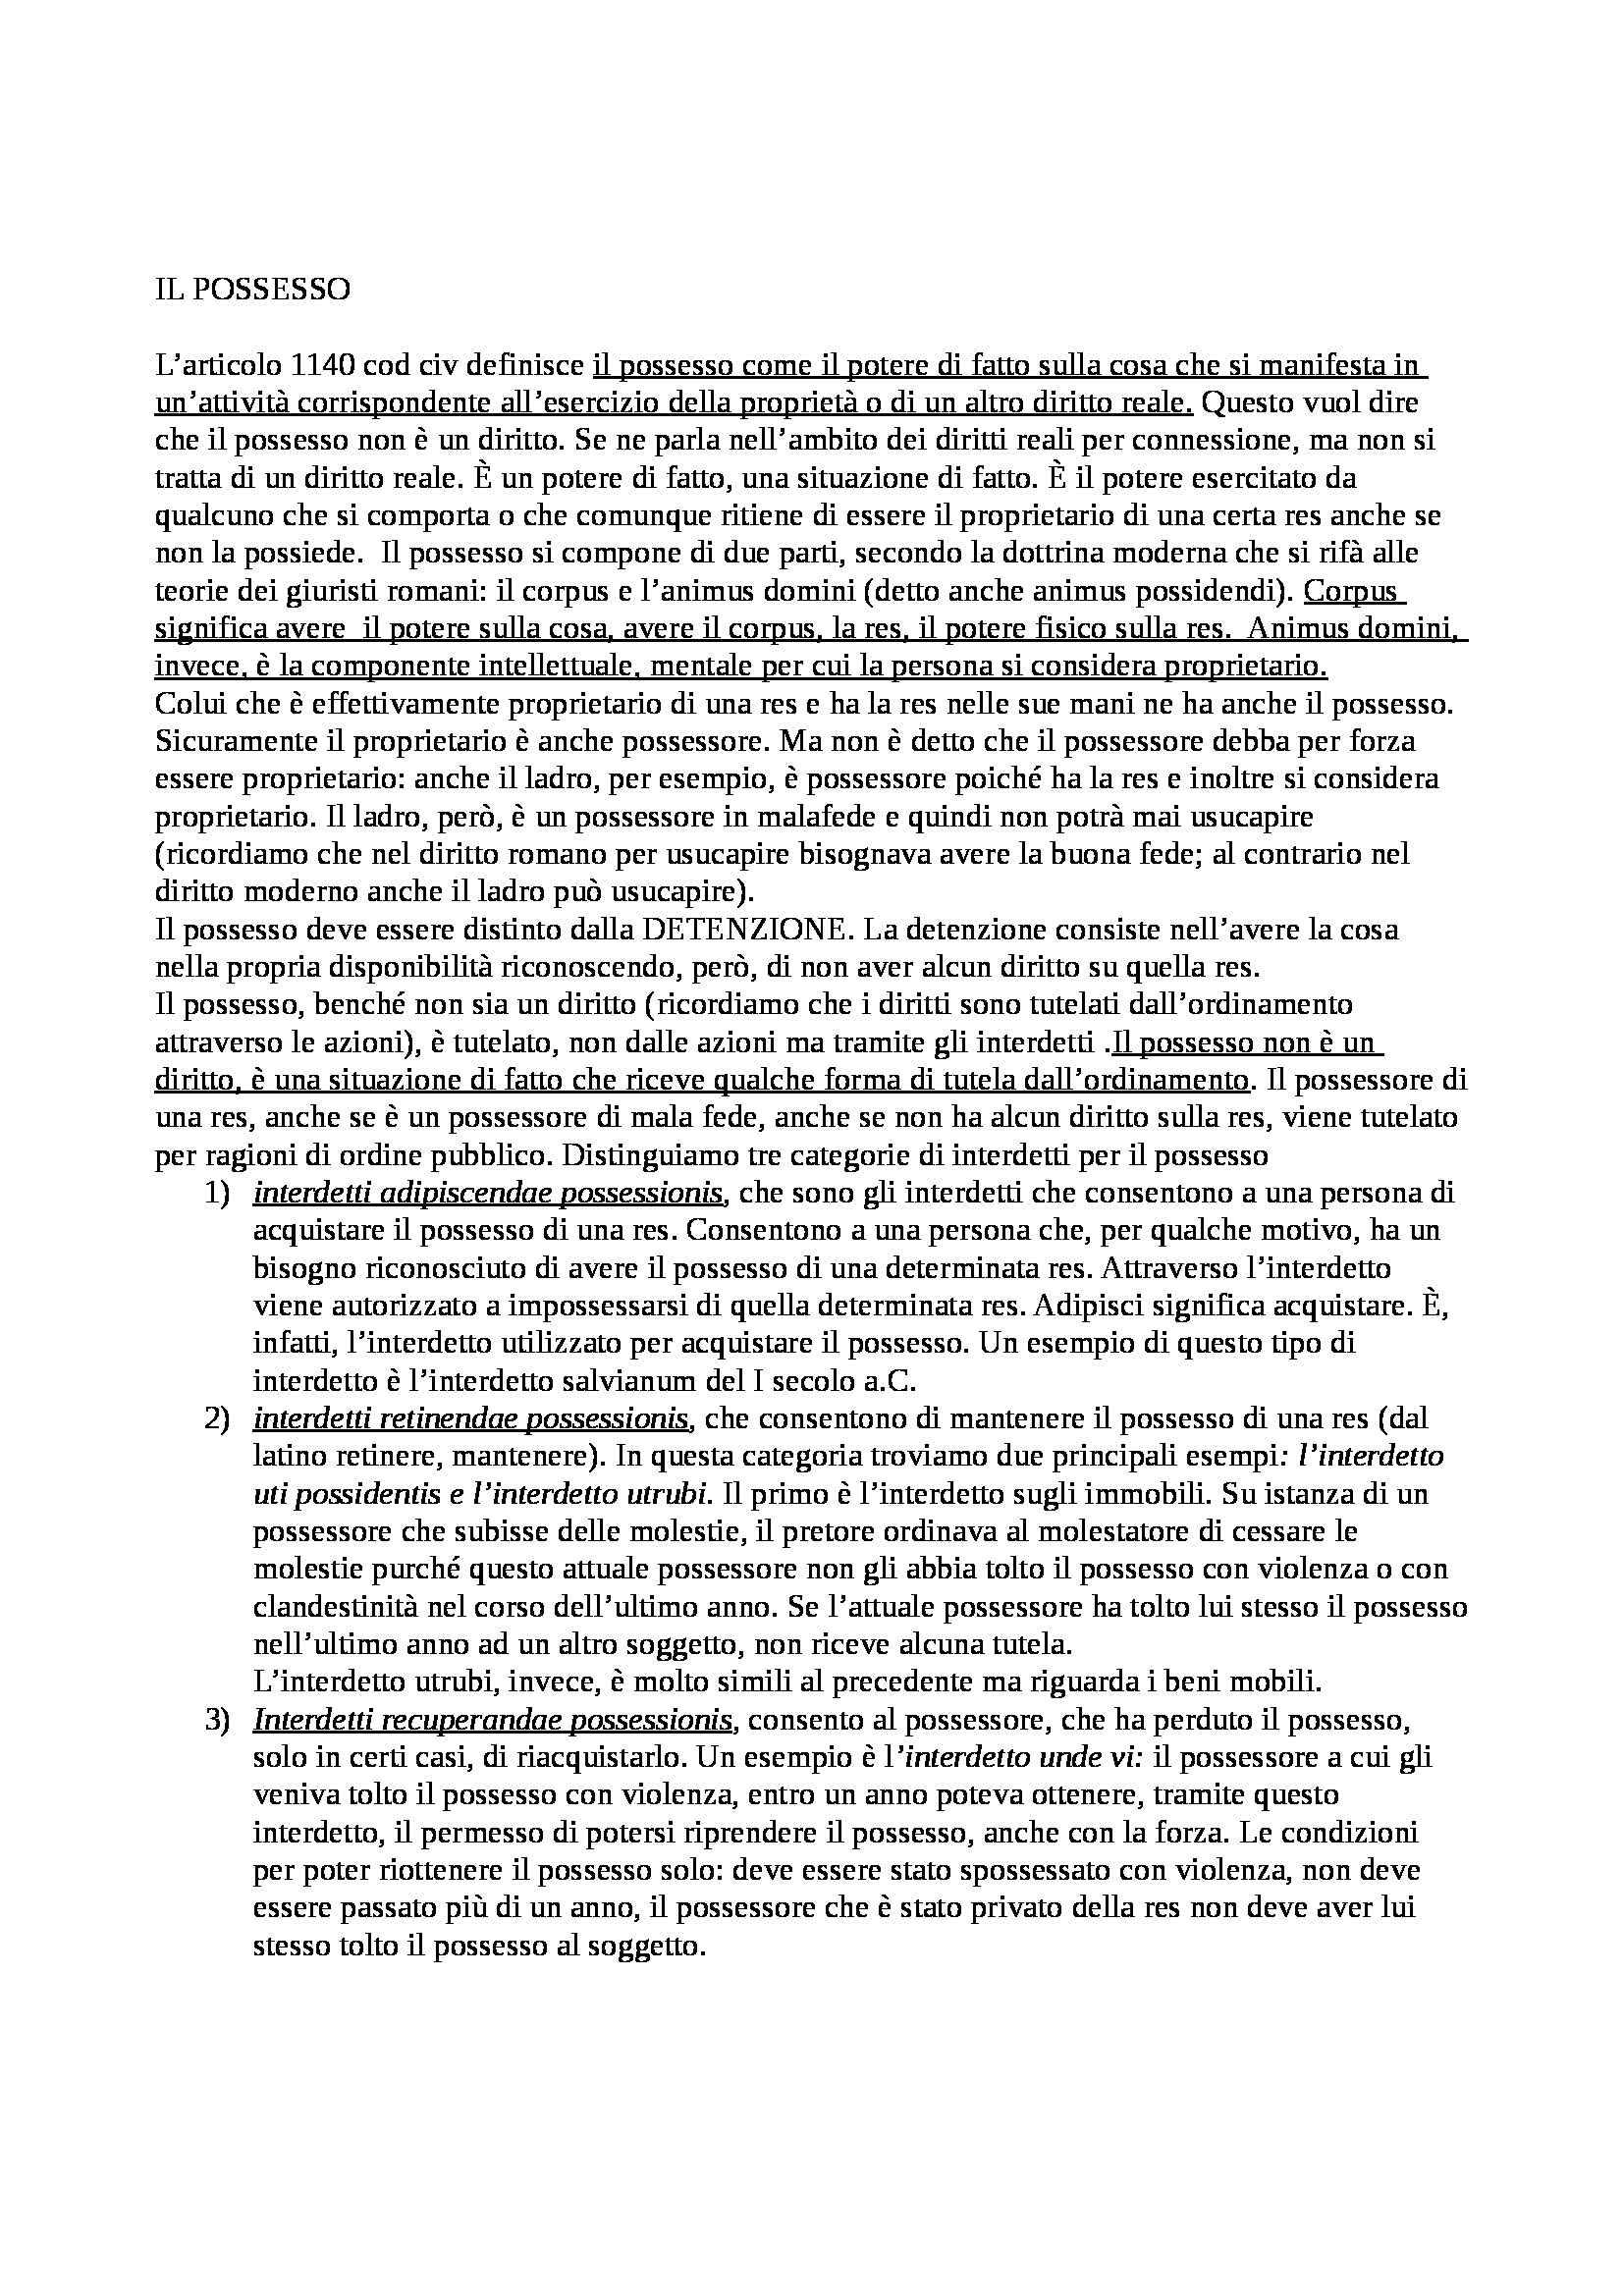 Diritto romano - Appunti (seconda parte)